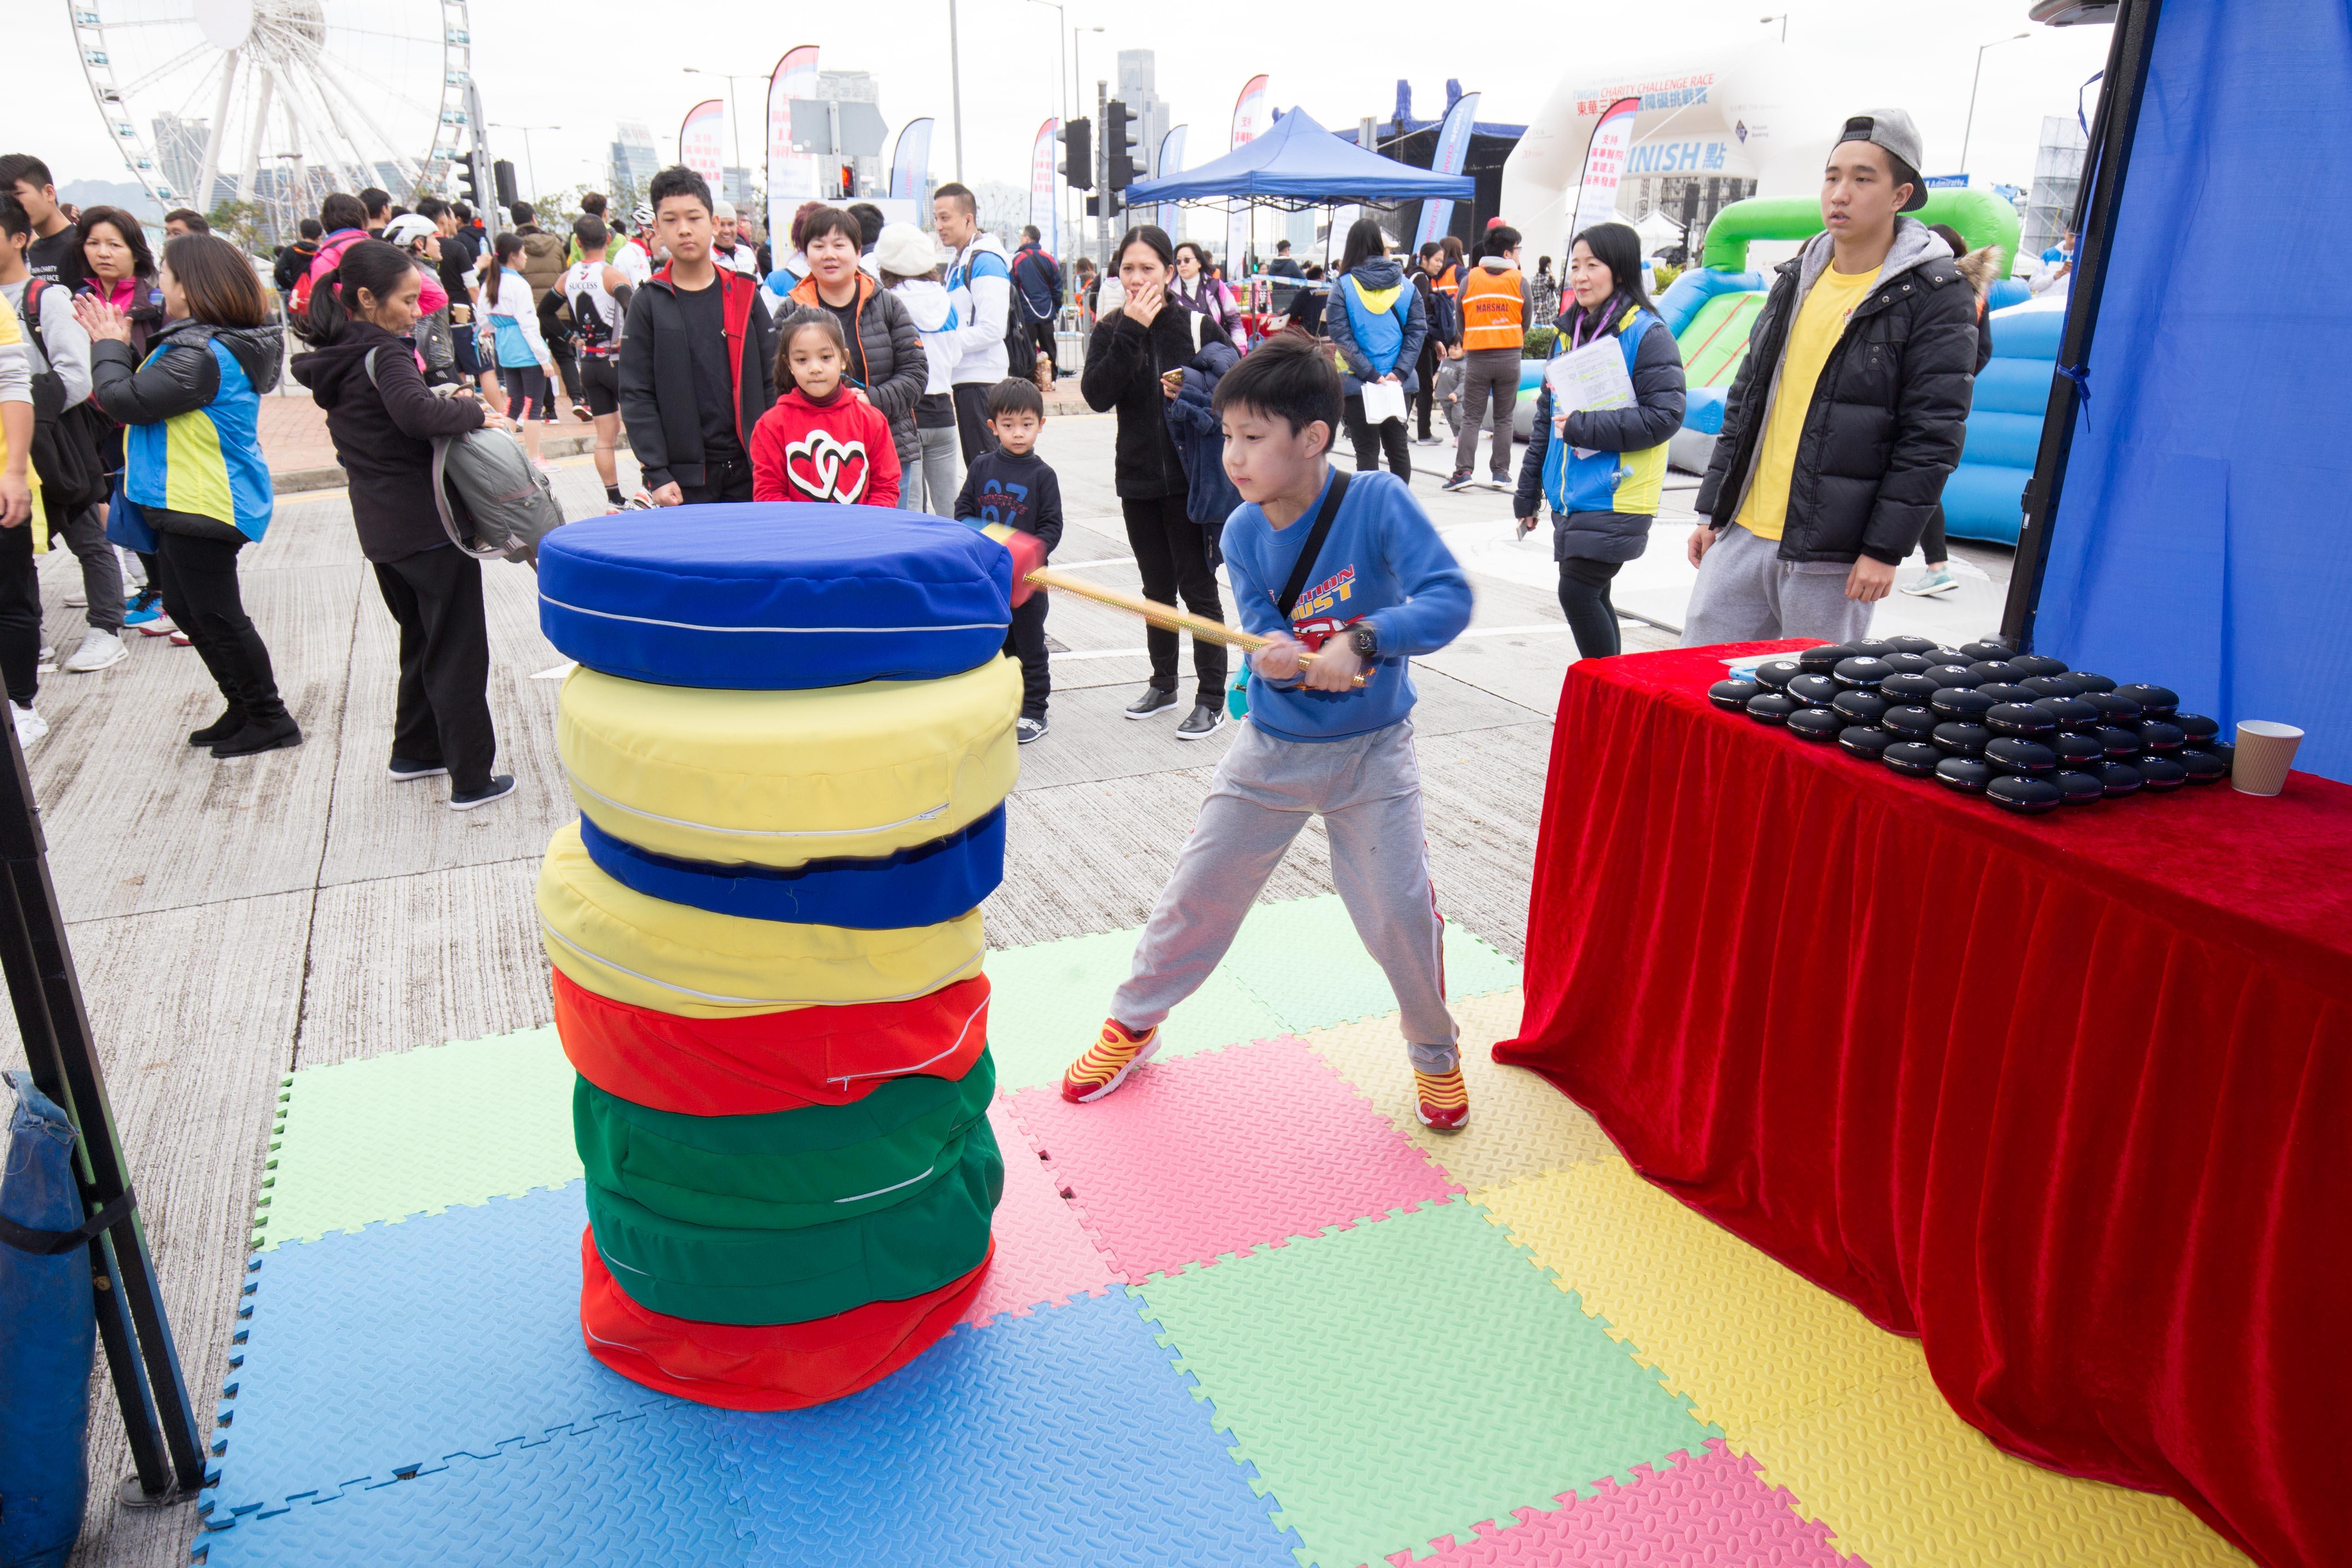 图八为现场设有精彩表演,摊位游戏,以及儿童乐园,让参赛者可带同孩子